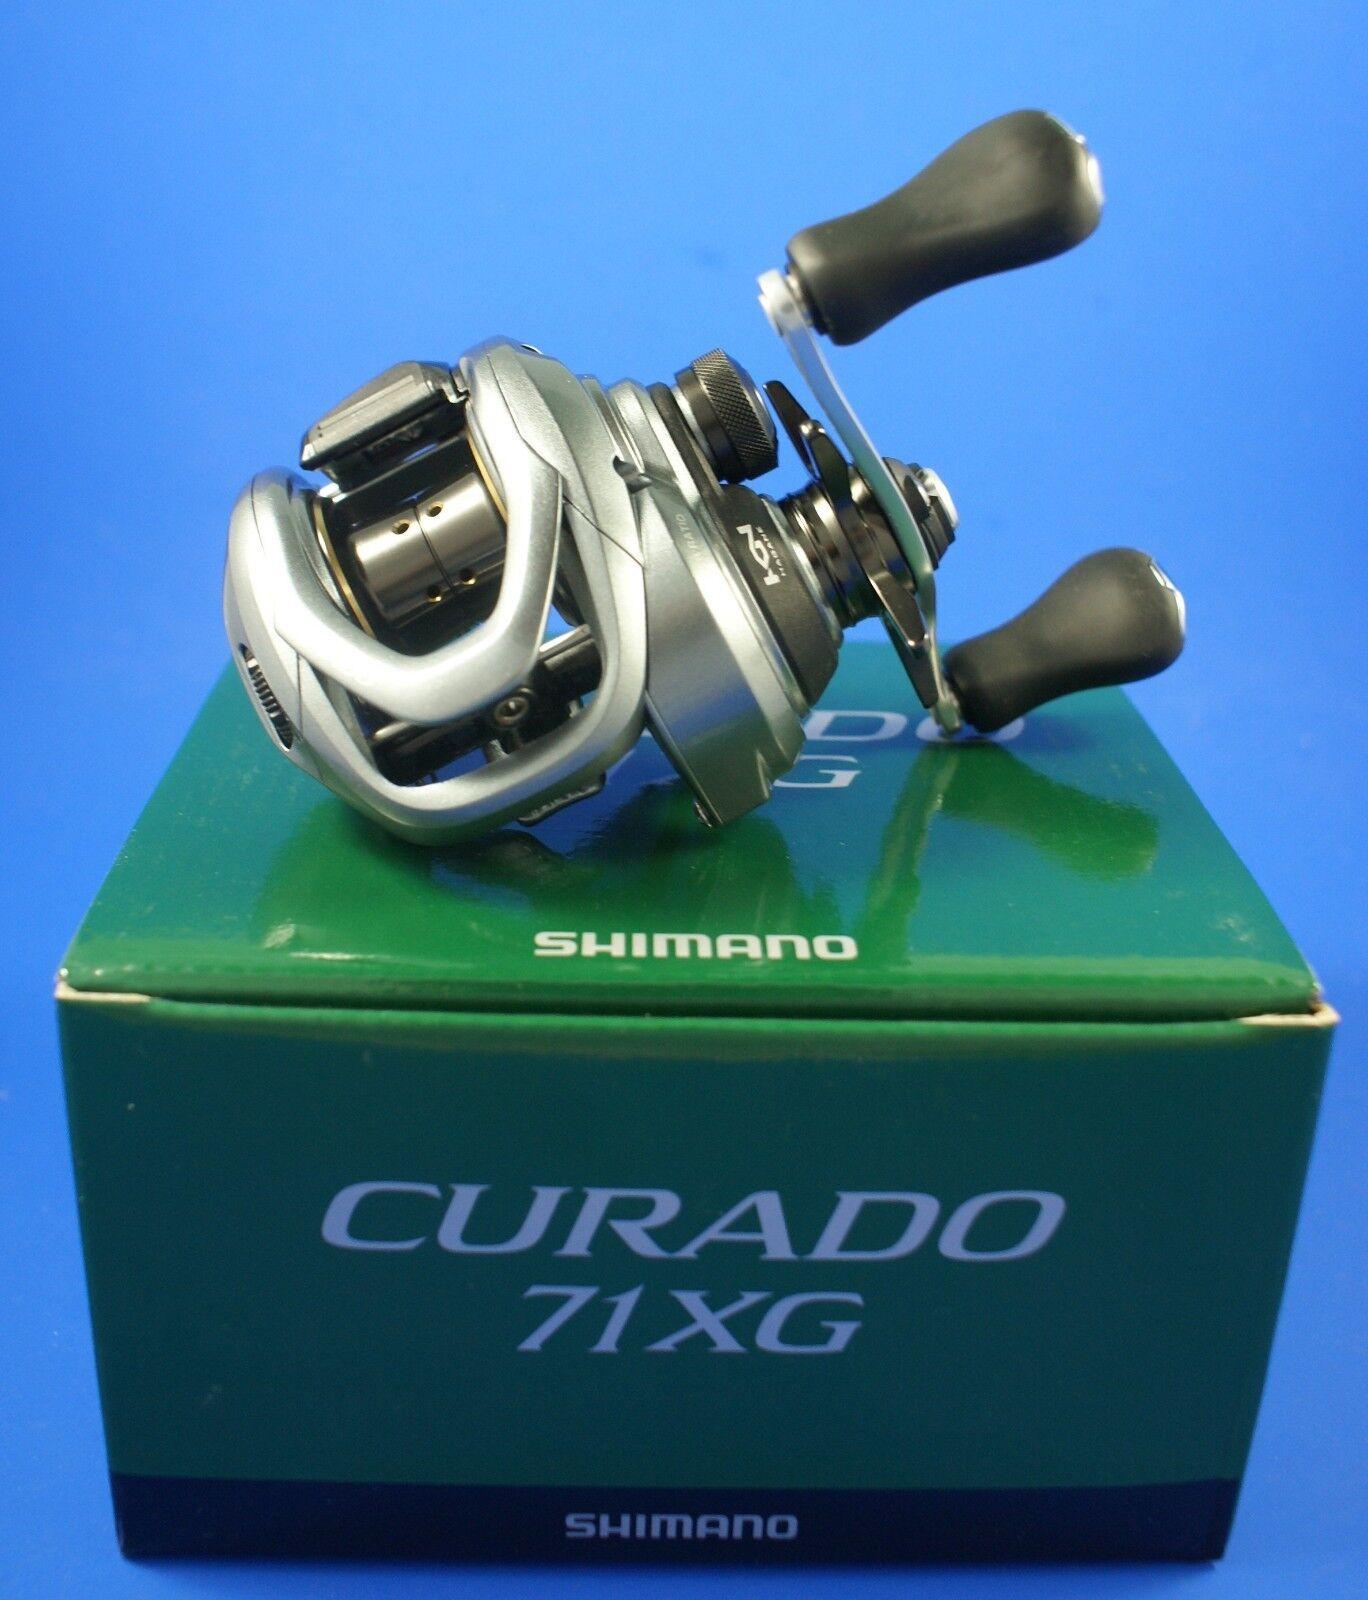 Shimano Curado 71 XG    CU71XG    Baitcasting Reel (Left Hand)